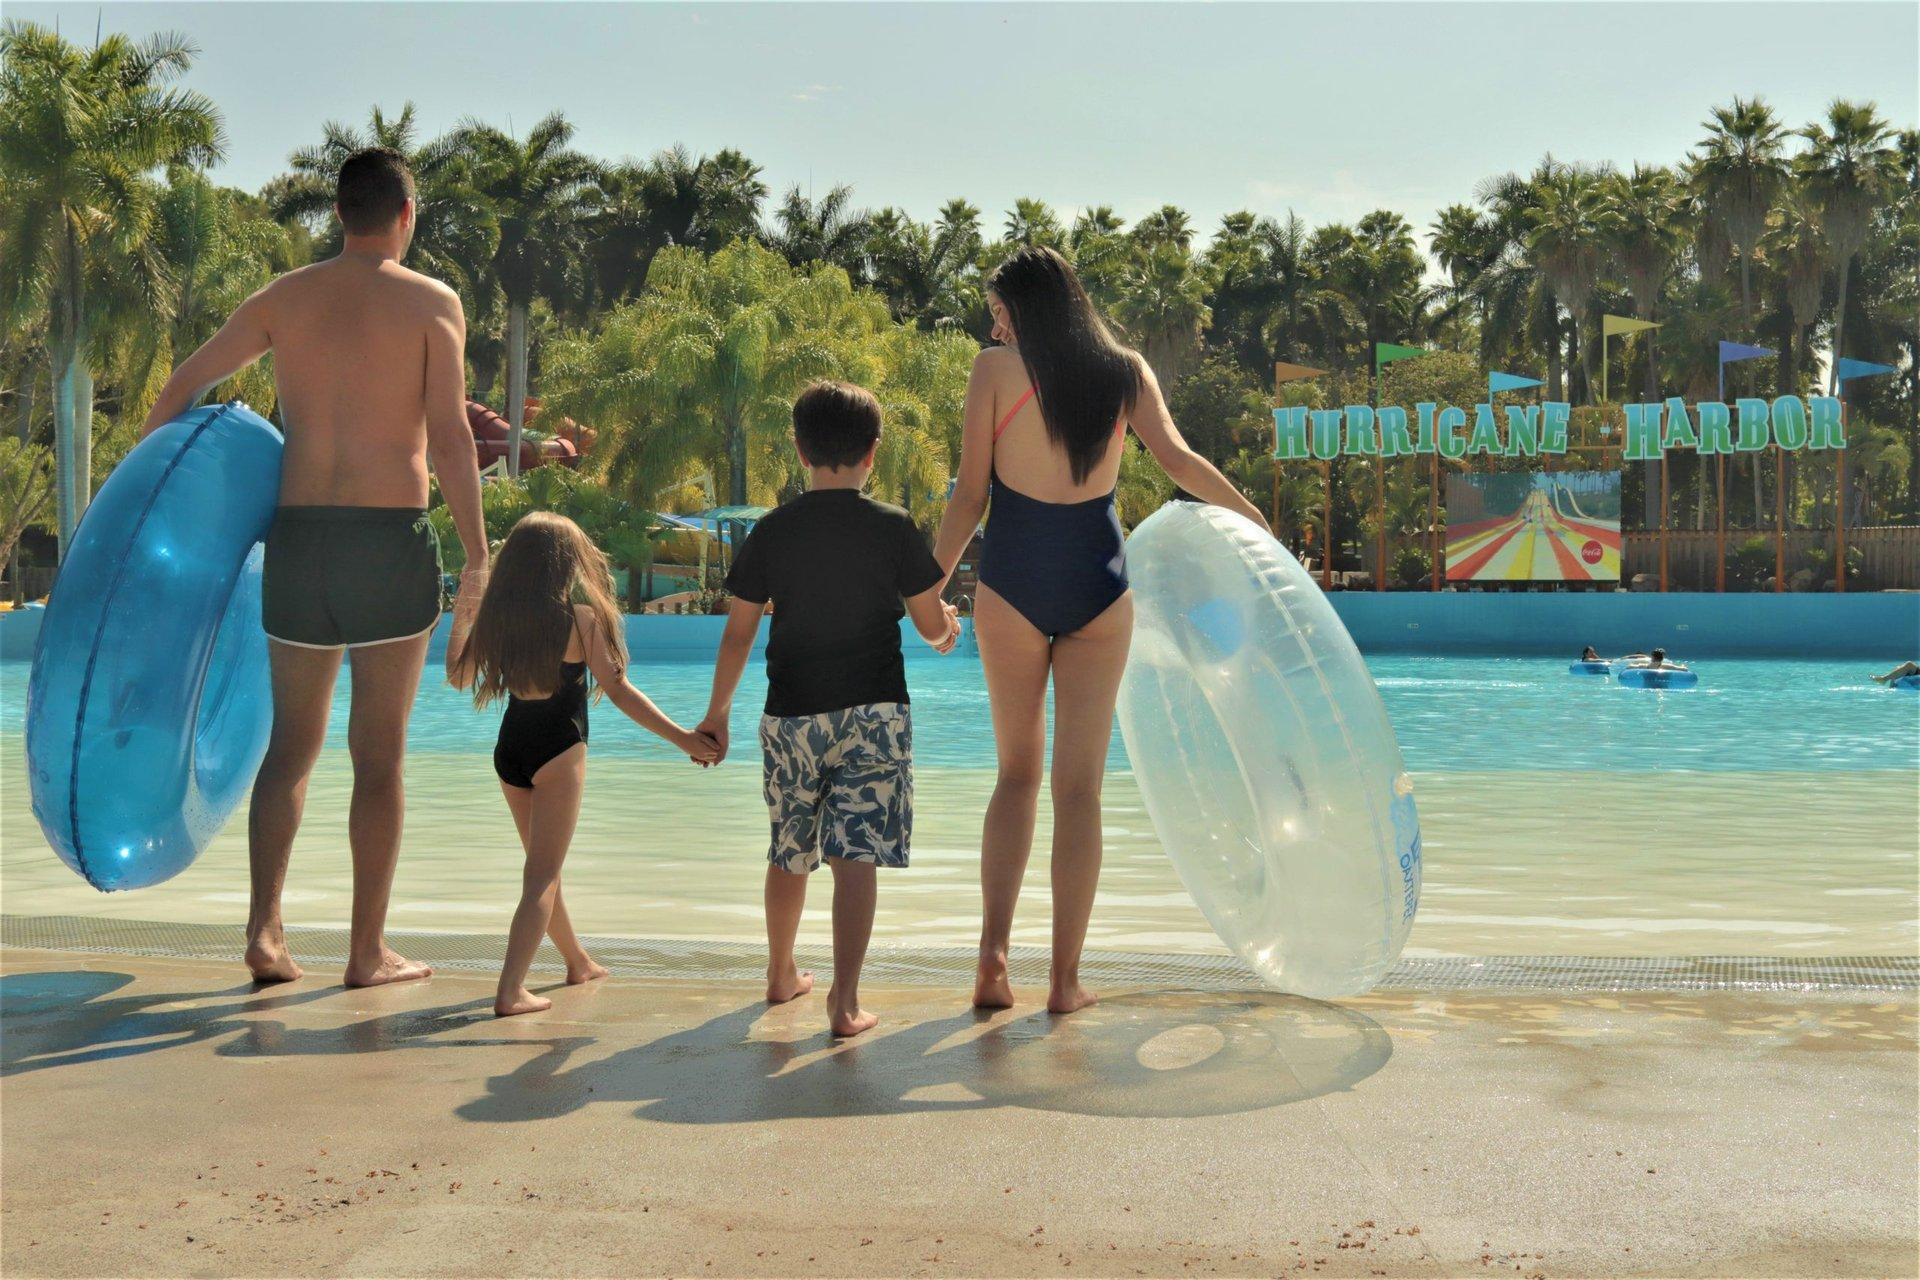 family holding inner tubes at the park